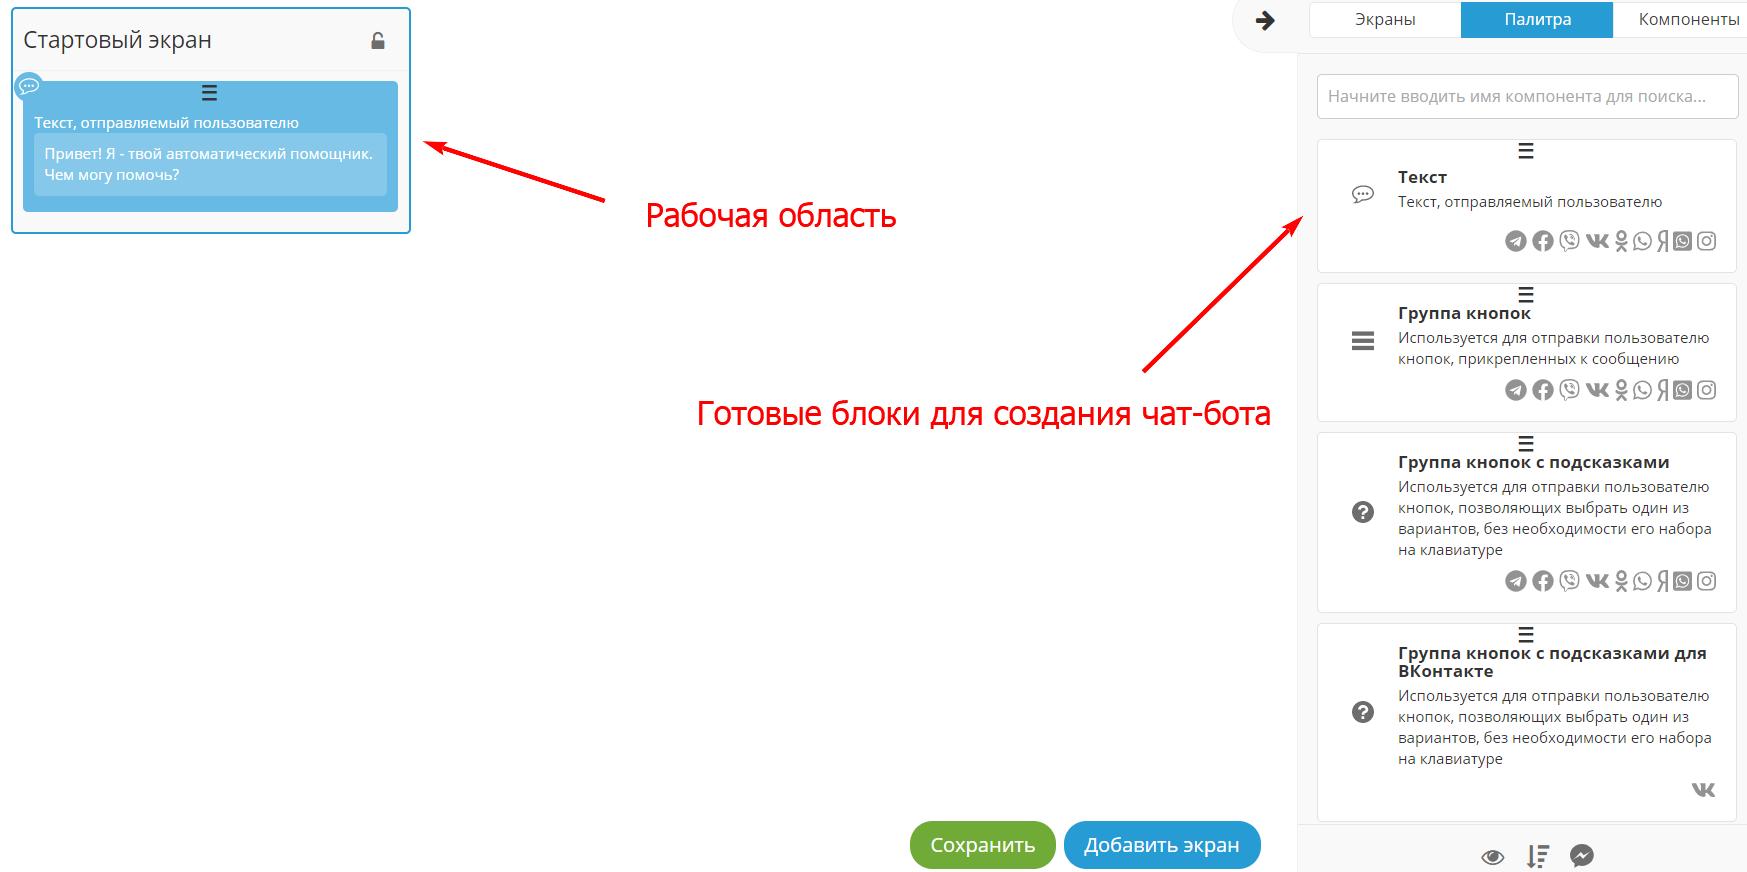 рабочая область конструктора чат-ботов Botmother